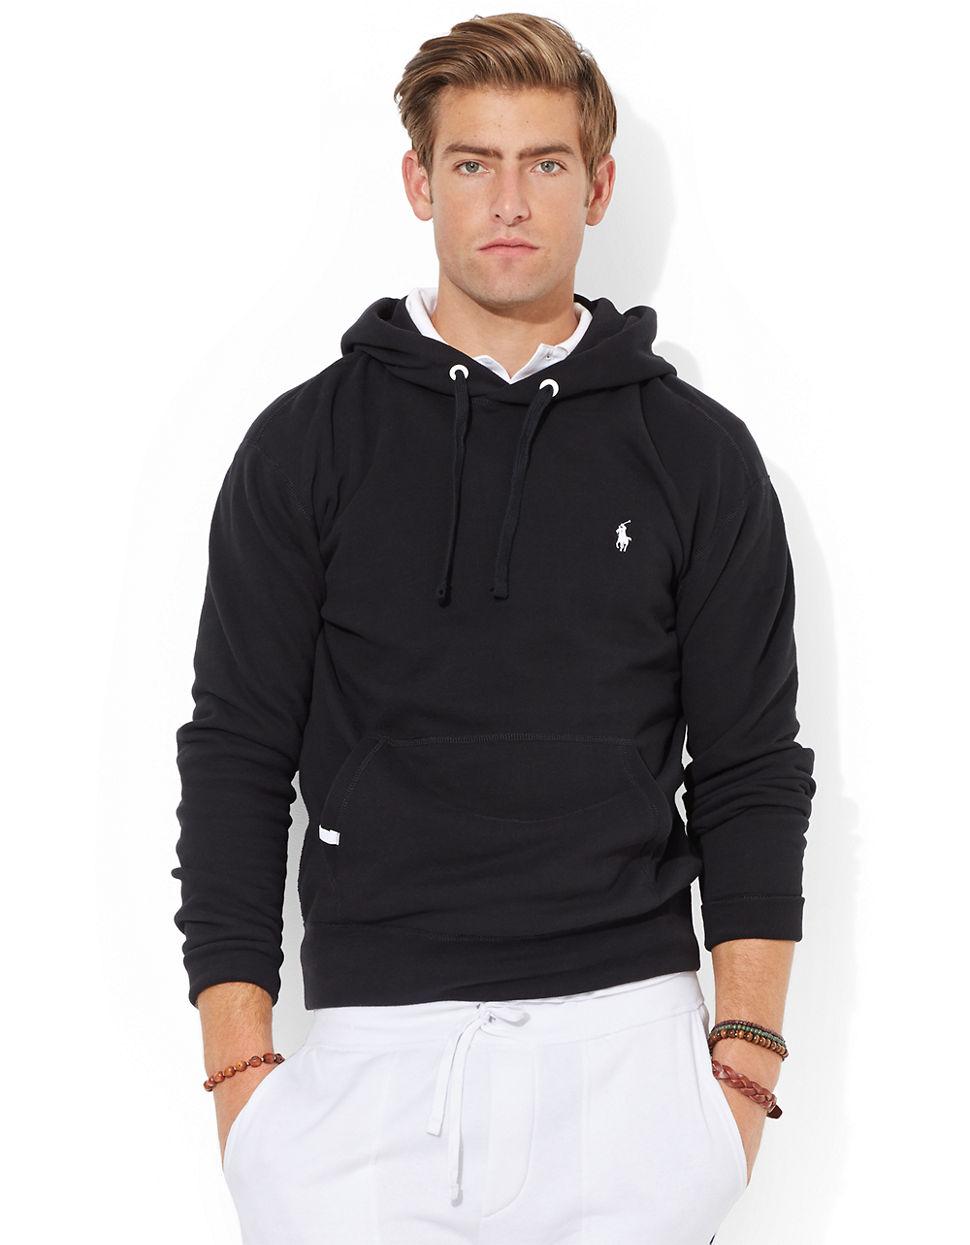 19003ee69 Polo Ralph Lauren Solid Fleece Hoodie in Black for Men - Lyst